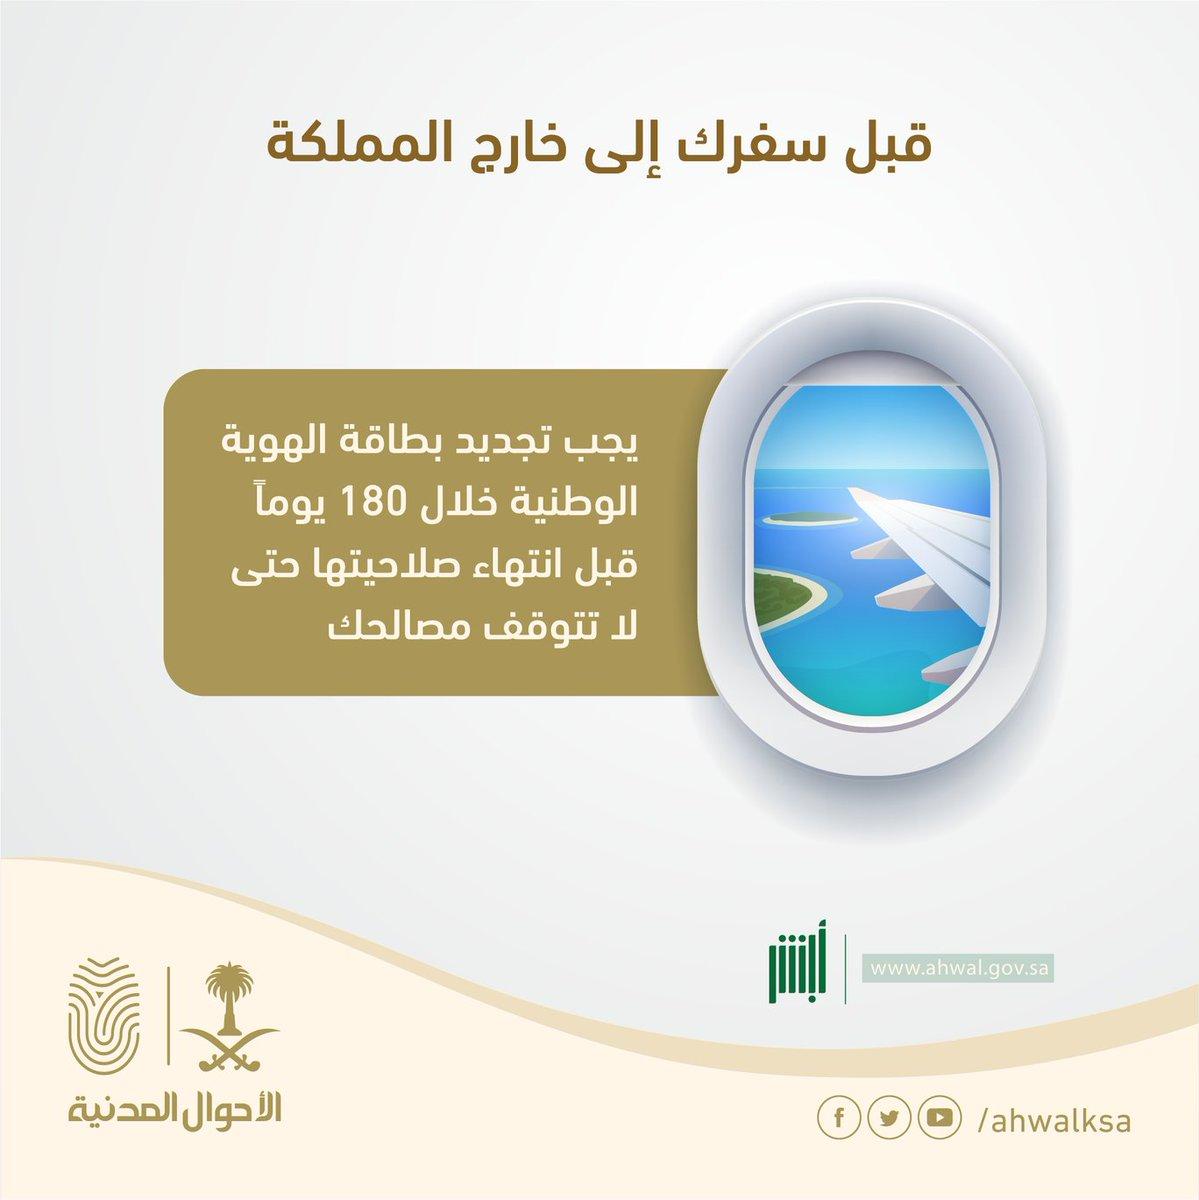 الأحوال المدنية No Twitter تأكد من تاريخ انتهاء بطاقة الهوية الوطنية قبل سفرك